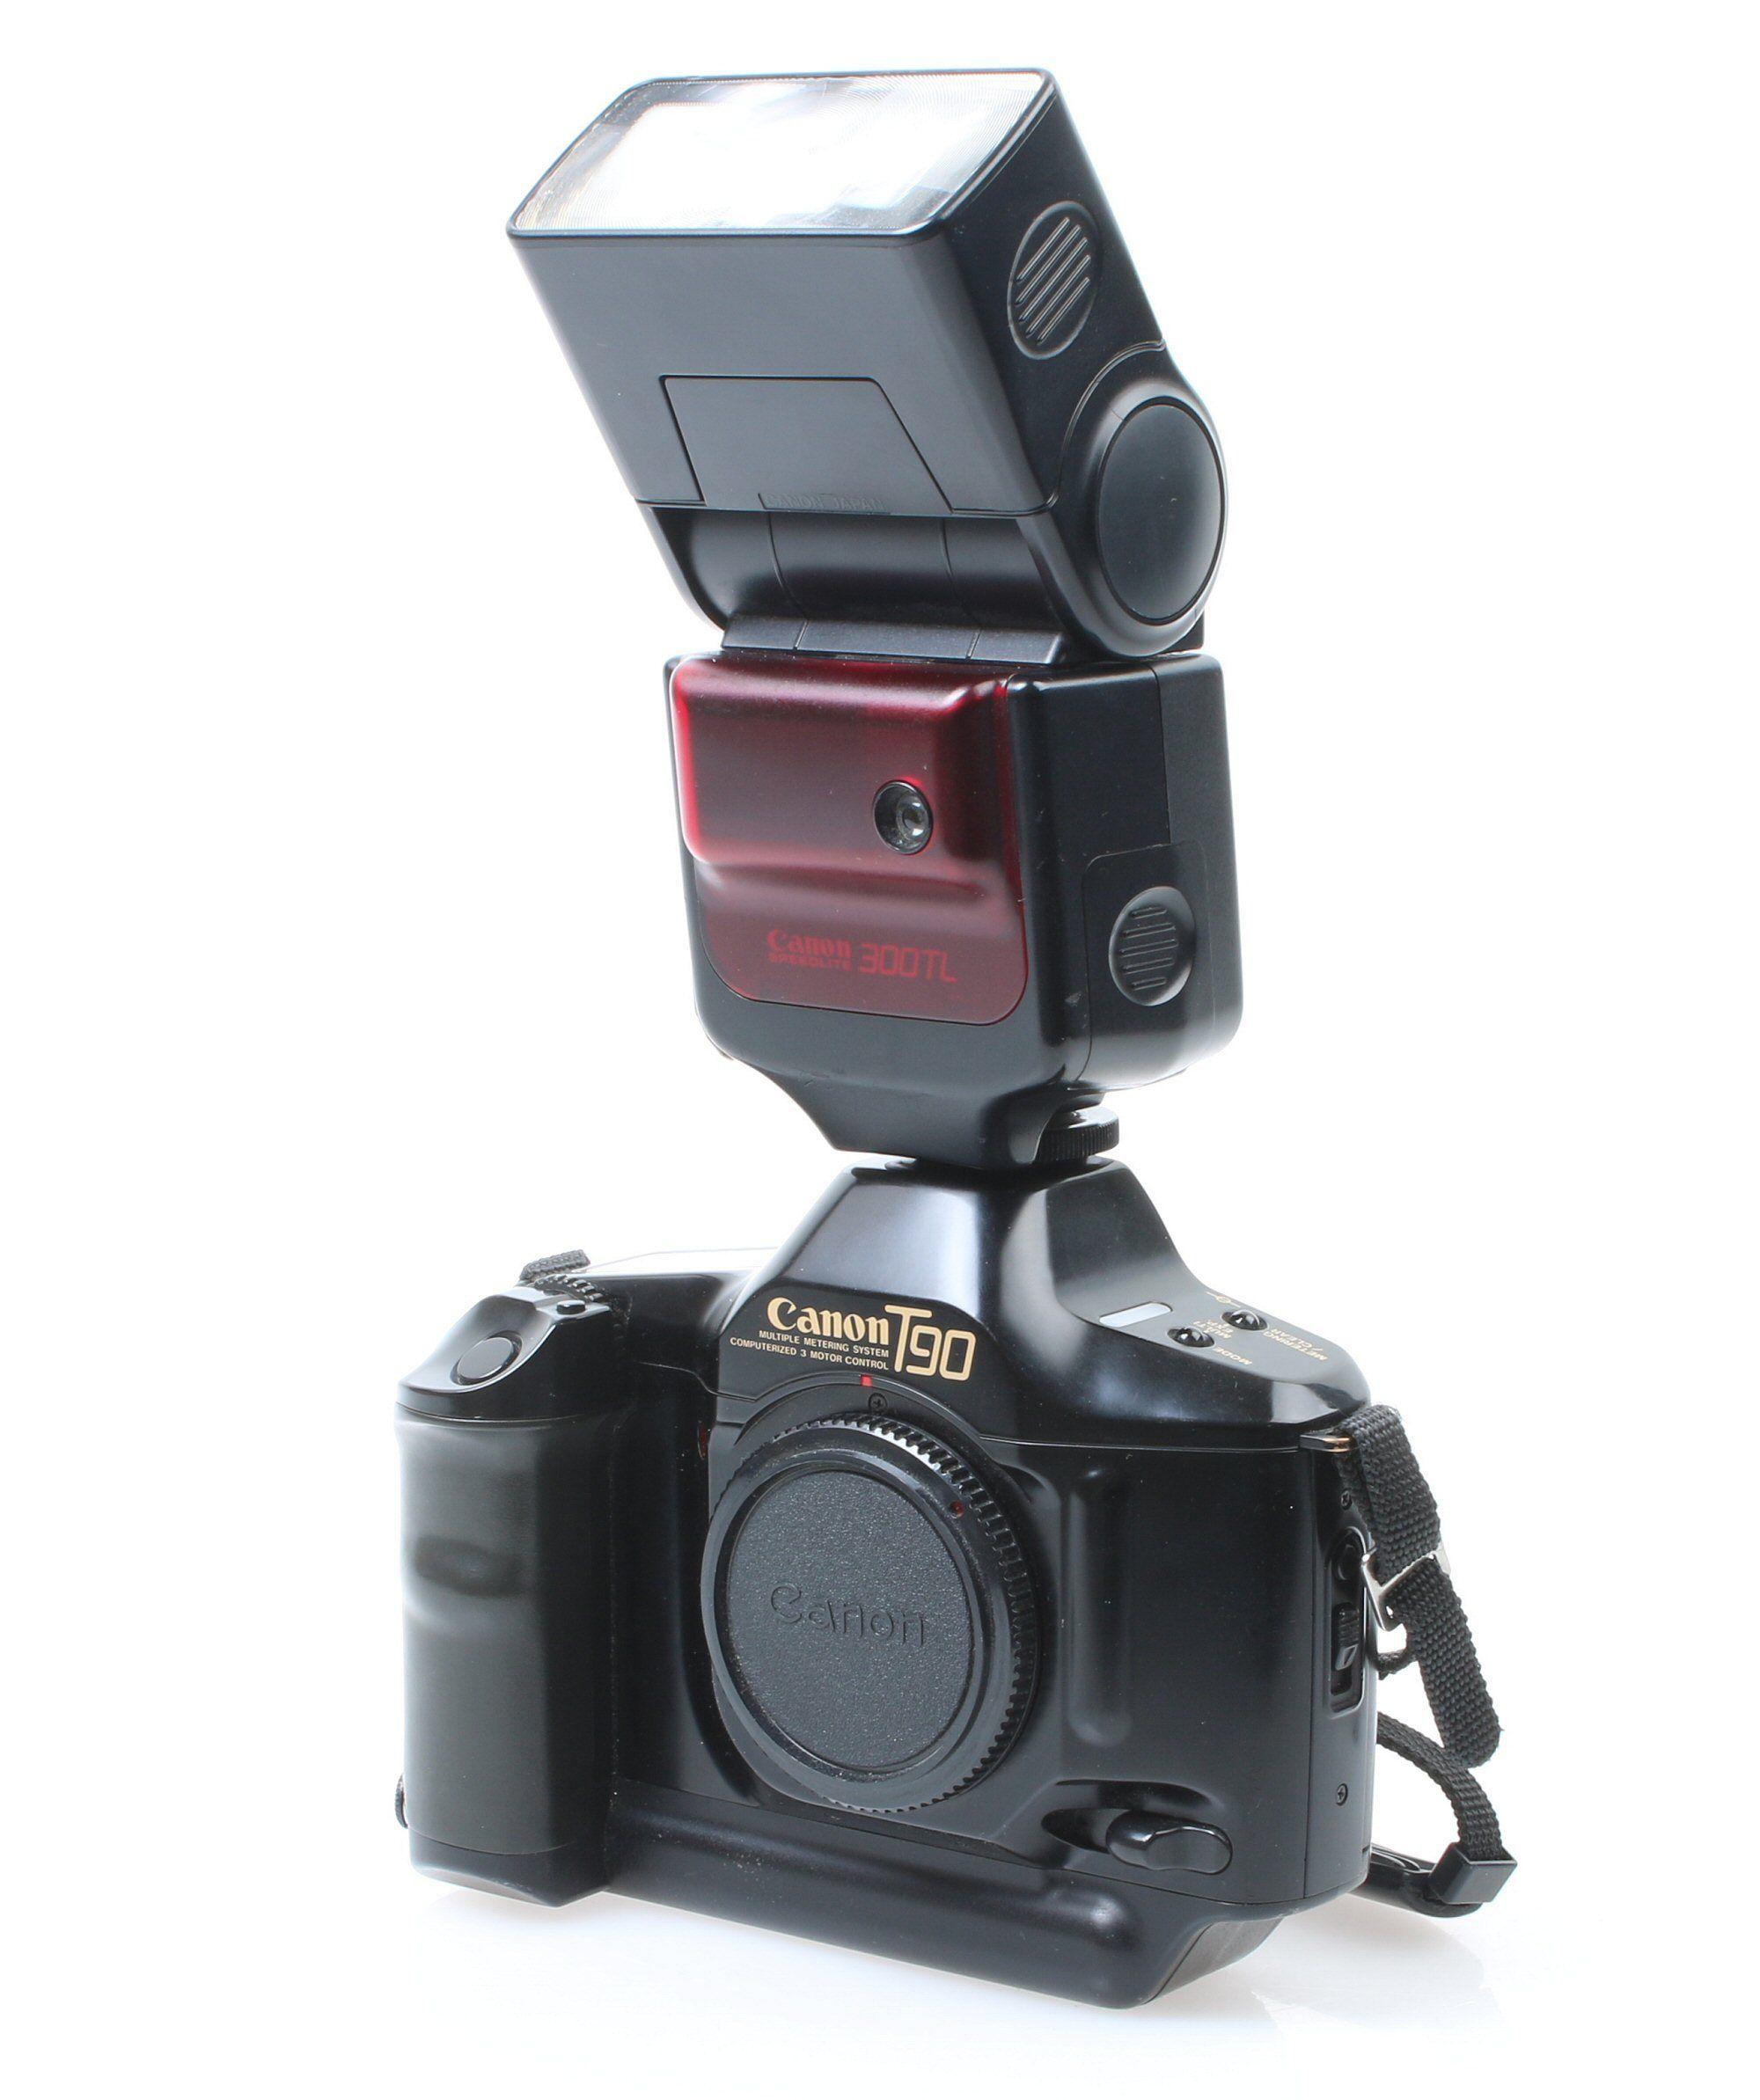 Canon T90 med Speedlite 300TL. Foto: Vegar Jansen, Tek.no